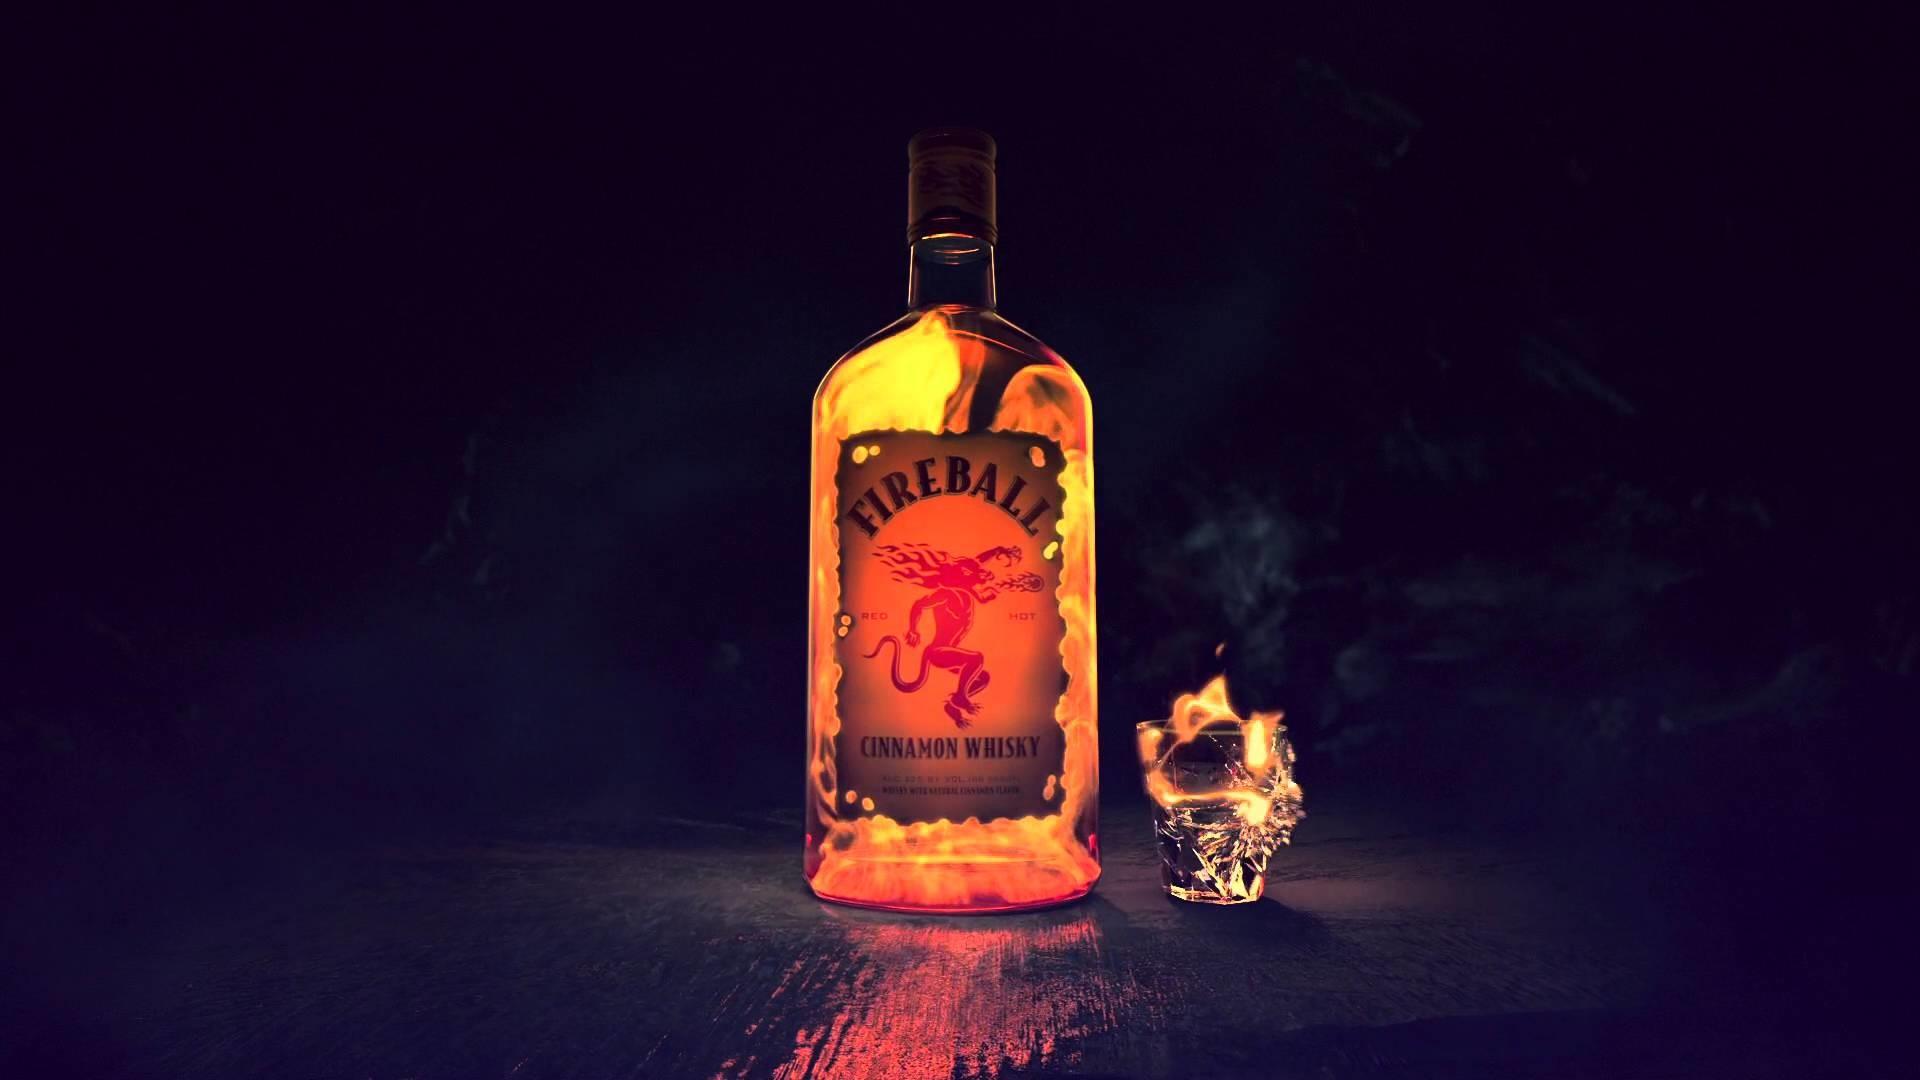 Fireball Whisky Wallpaper 66391 1920x1080px 1920x1080